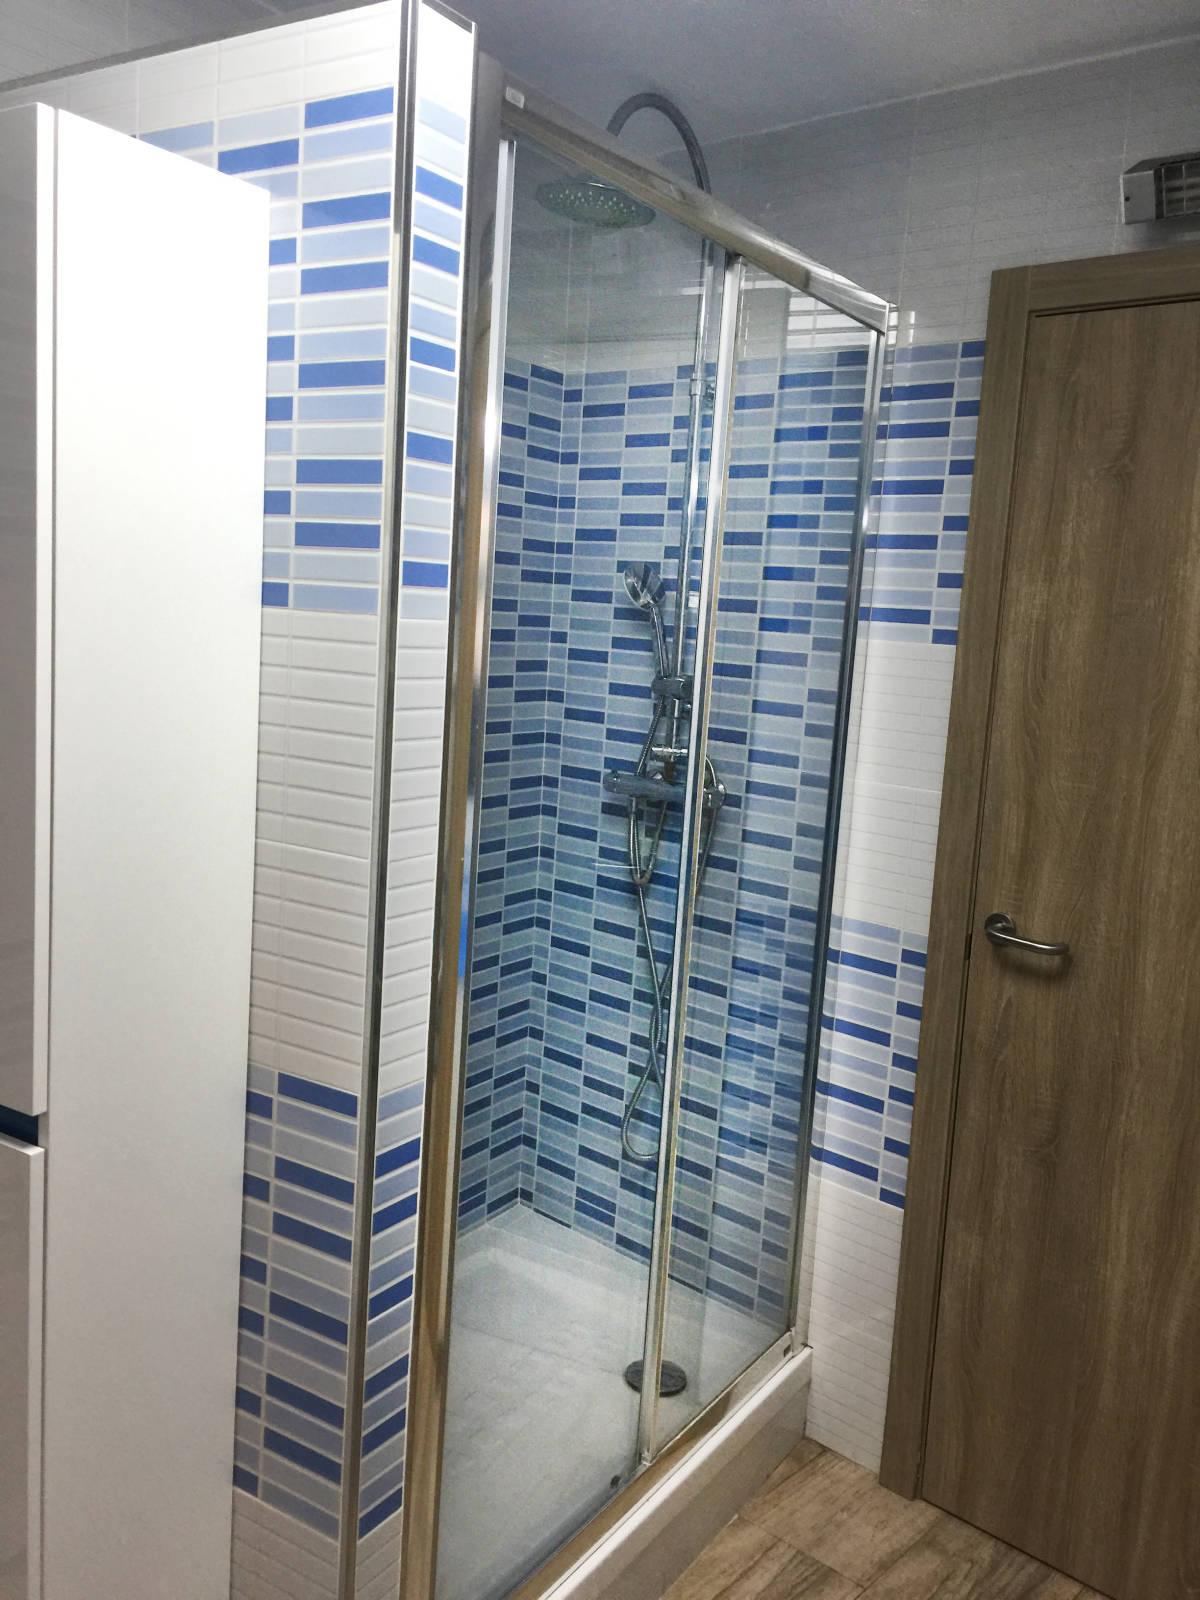 Foto 4 - Casa adosada en Reus con 3 pisos independientes